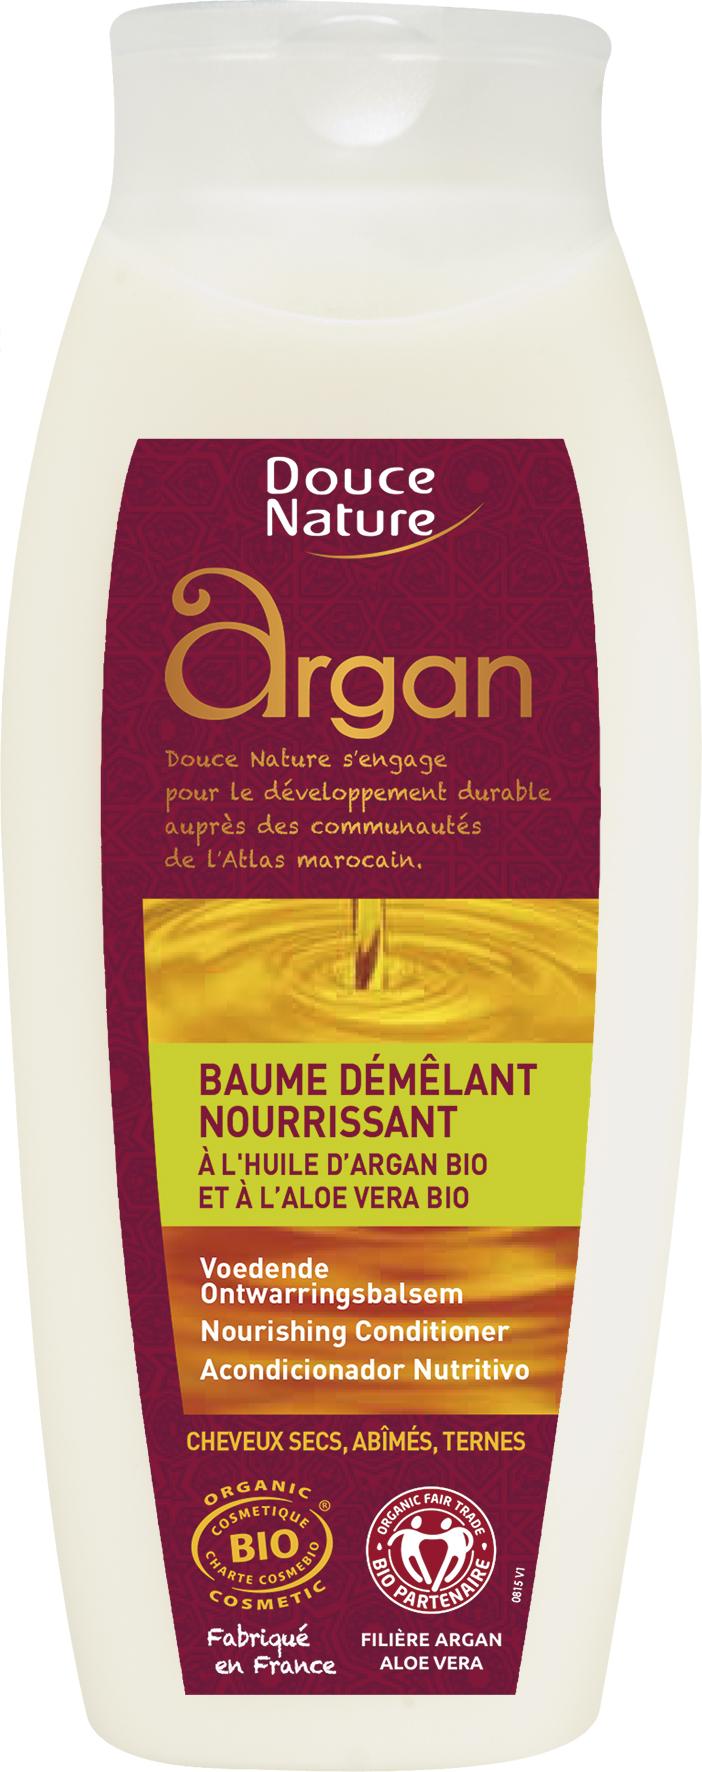 Baume démêlant à l'huile d'argan, Douce Nature (250 ml)